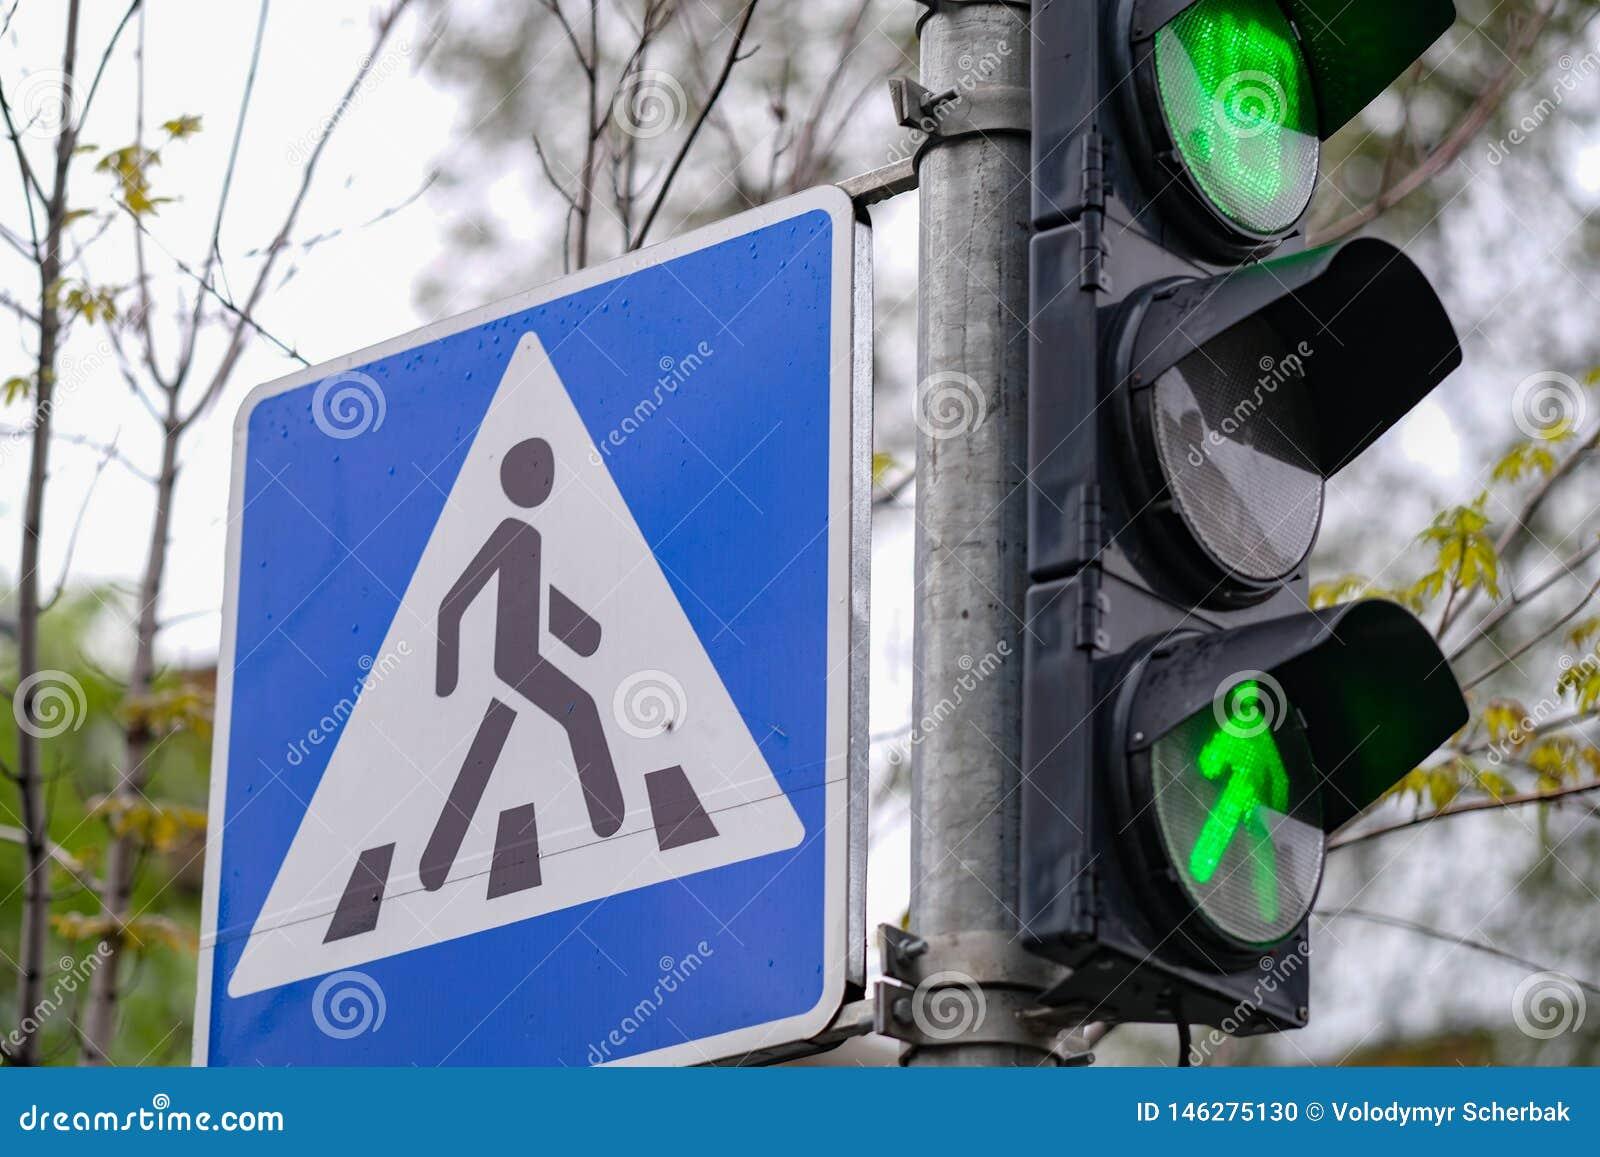 Rot, gelb, Gr?n gr?ne Farbe und Fu?g?nger?bergang unterzeichnen in einer Stadt